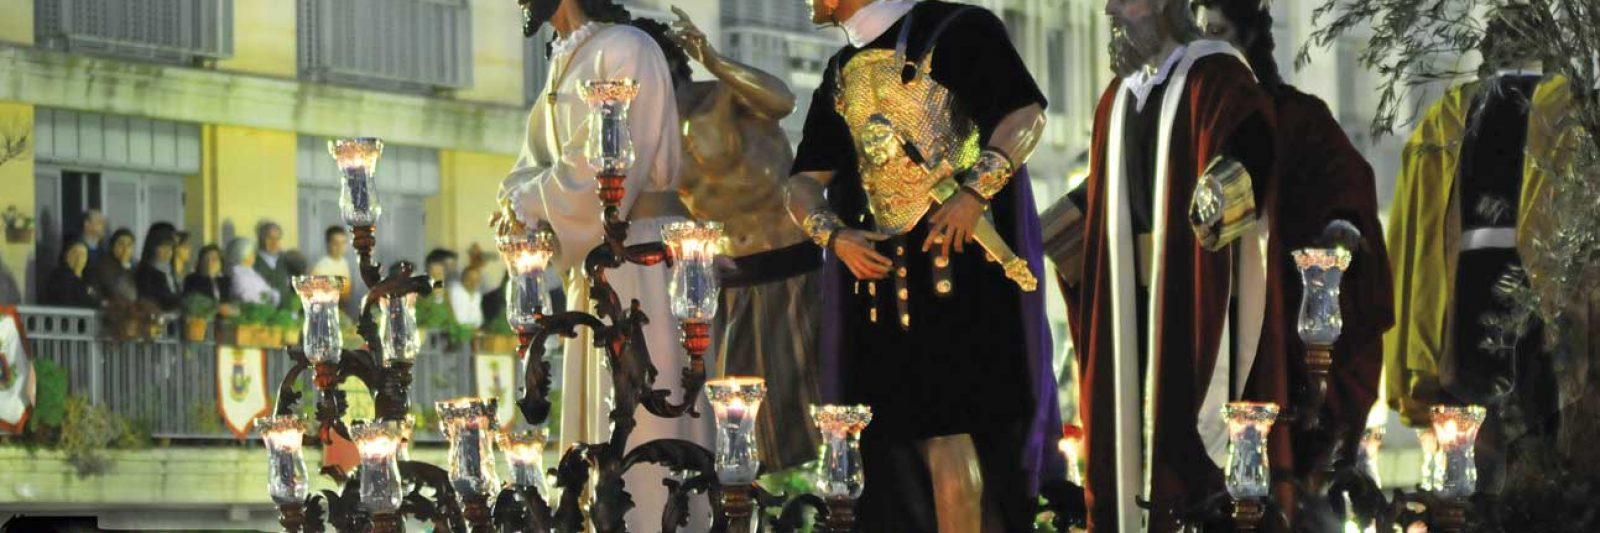 La Semana Santa de Ciudad Real